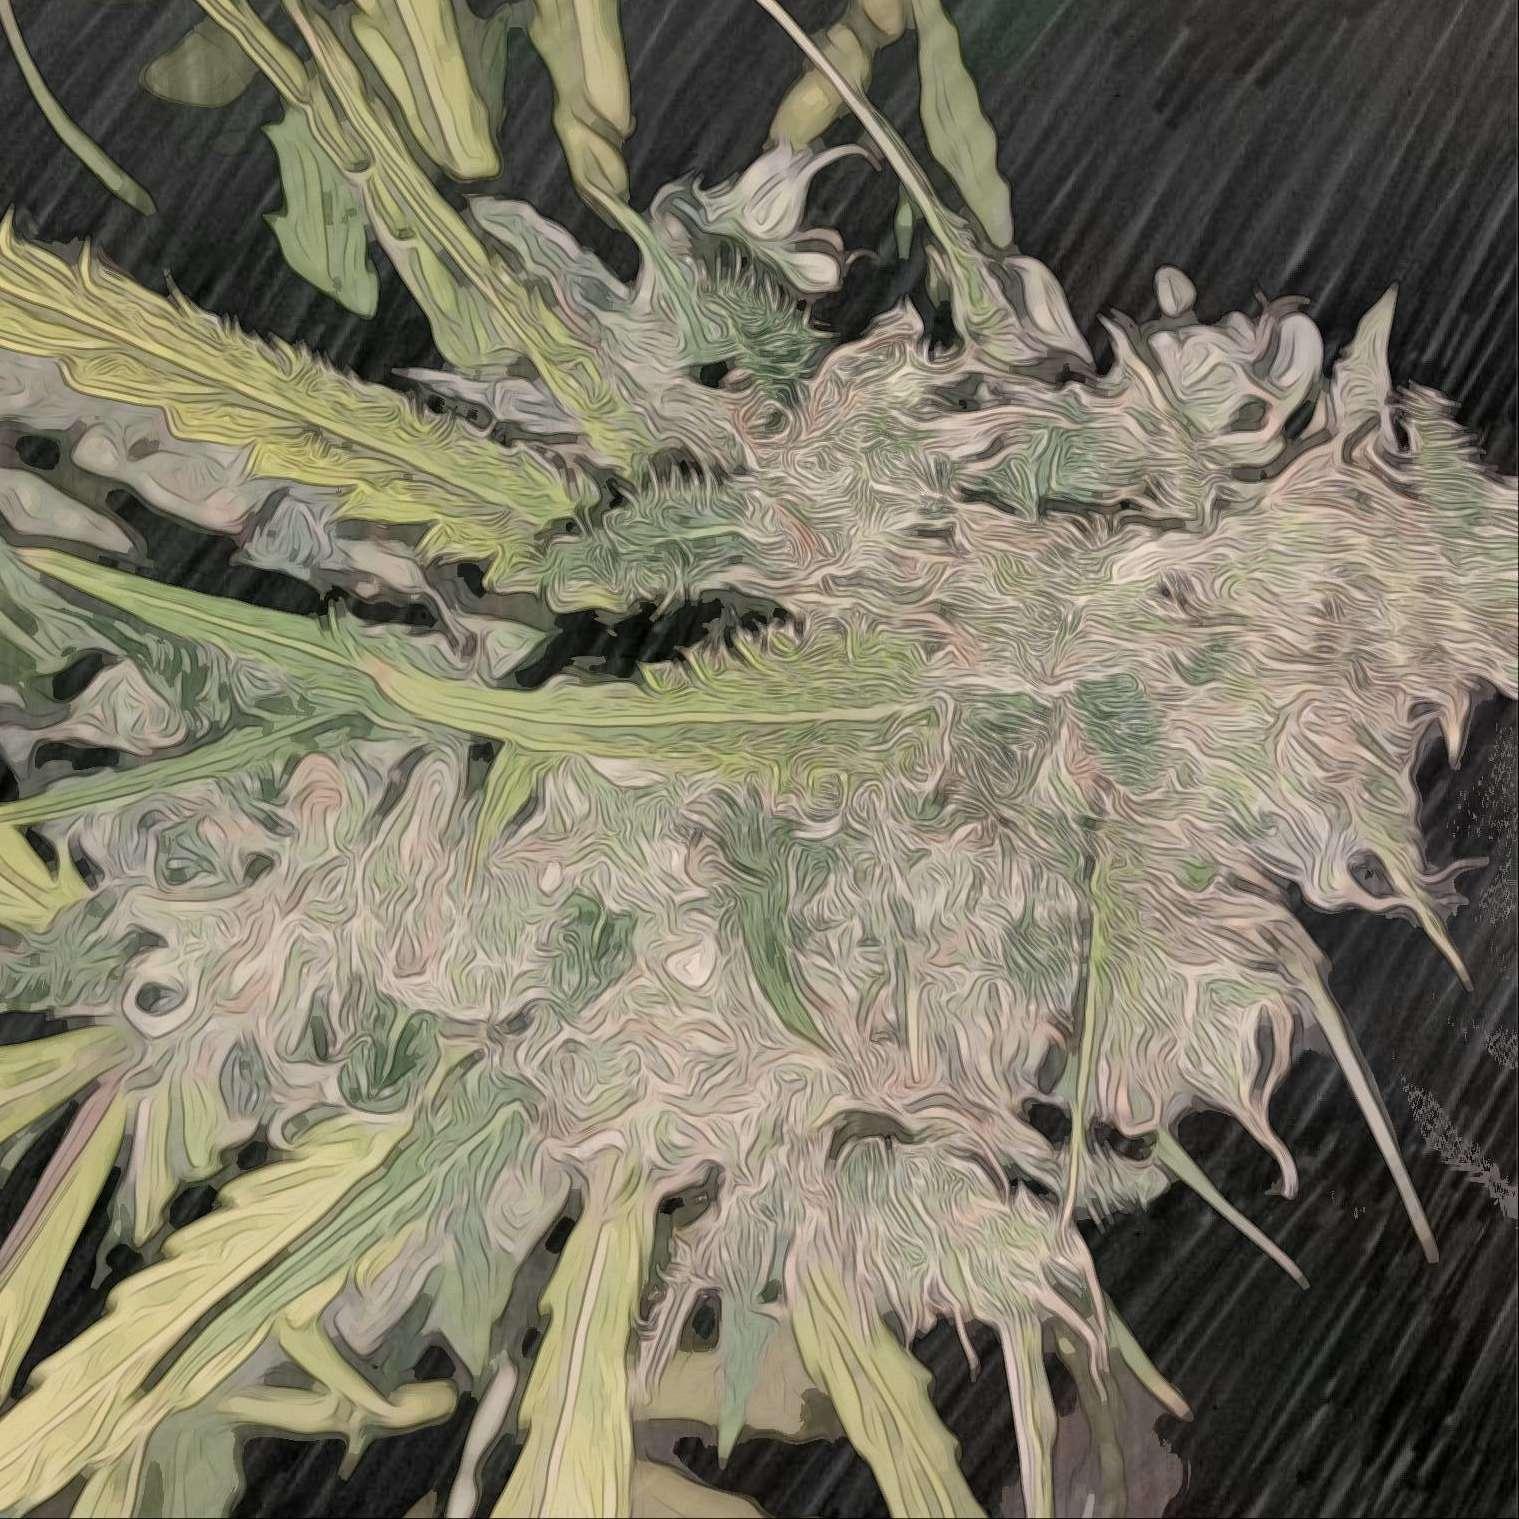 1000w hps indoor grow in soilless mix (bag seed) - Grow Journals